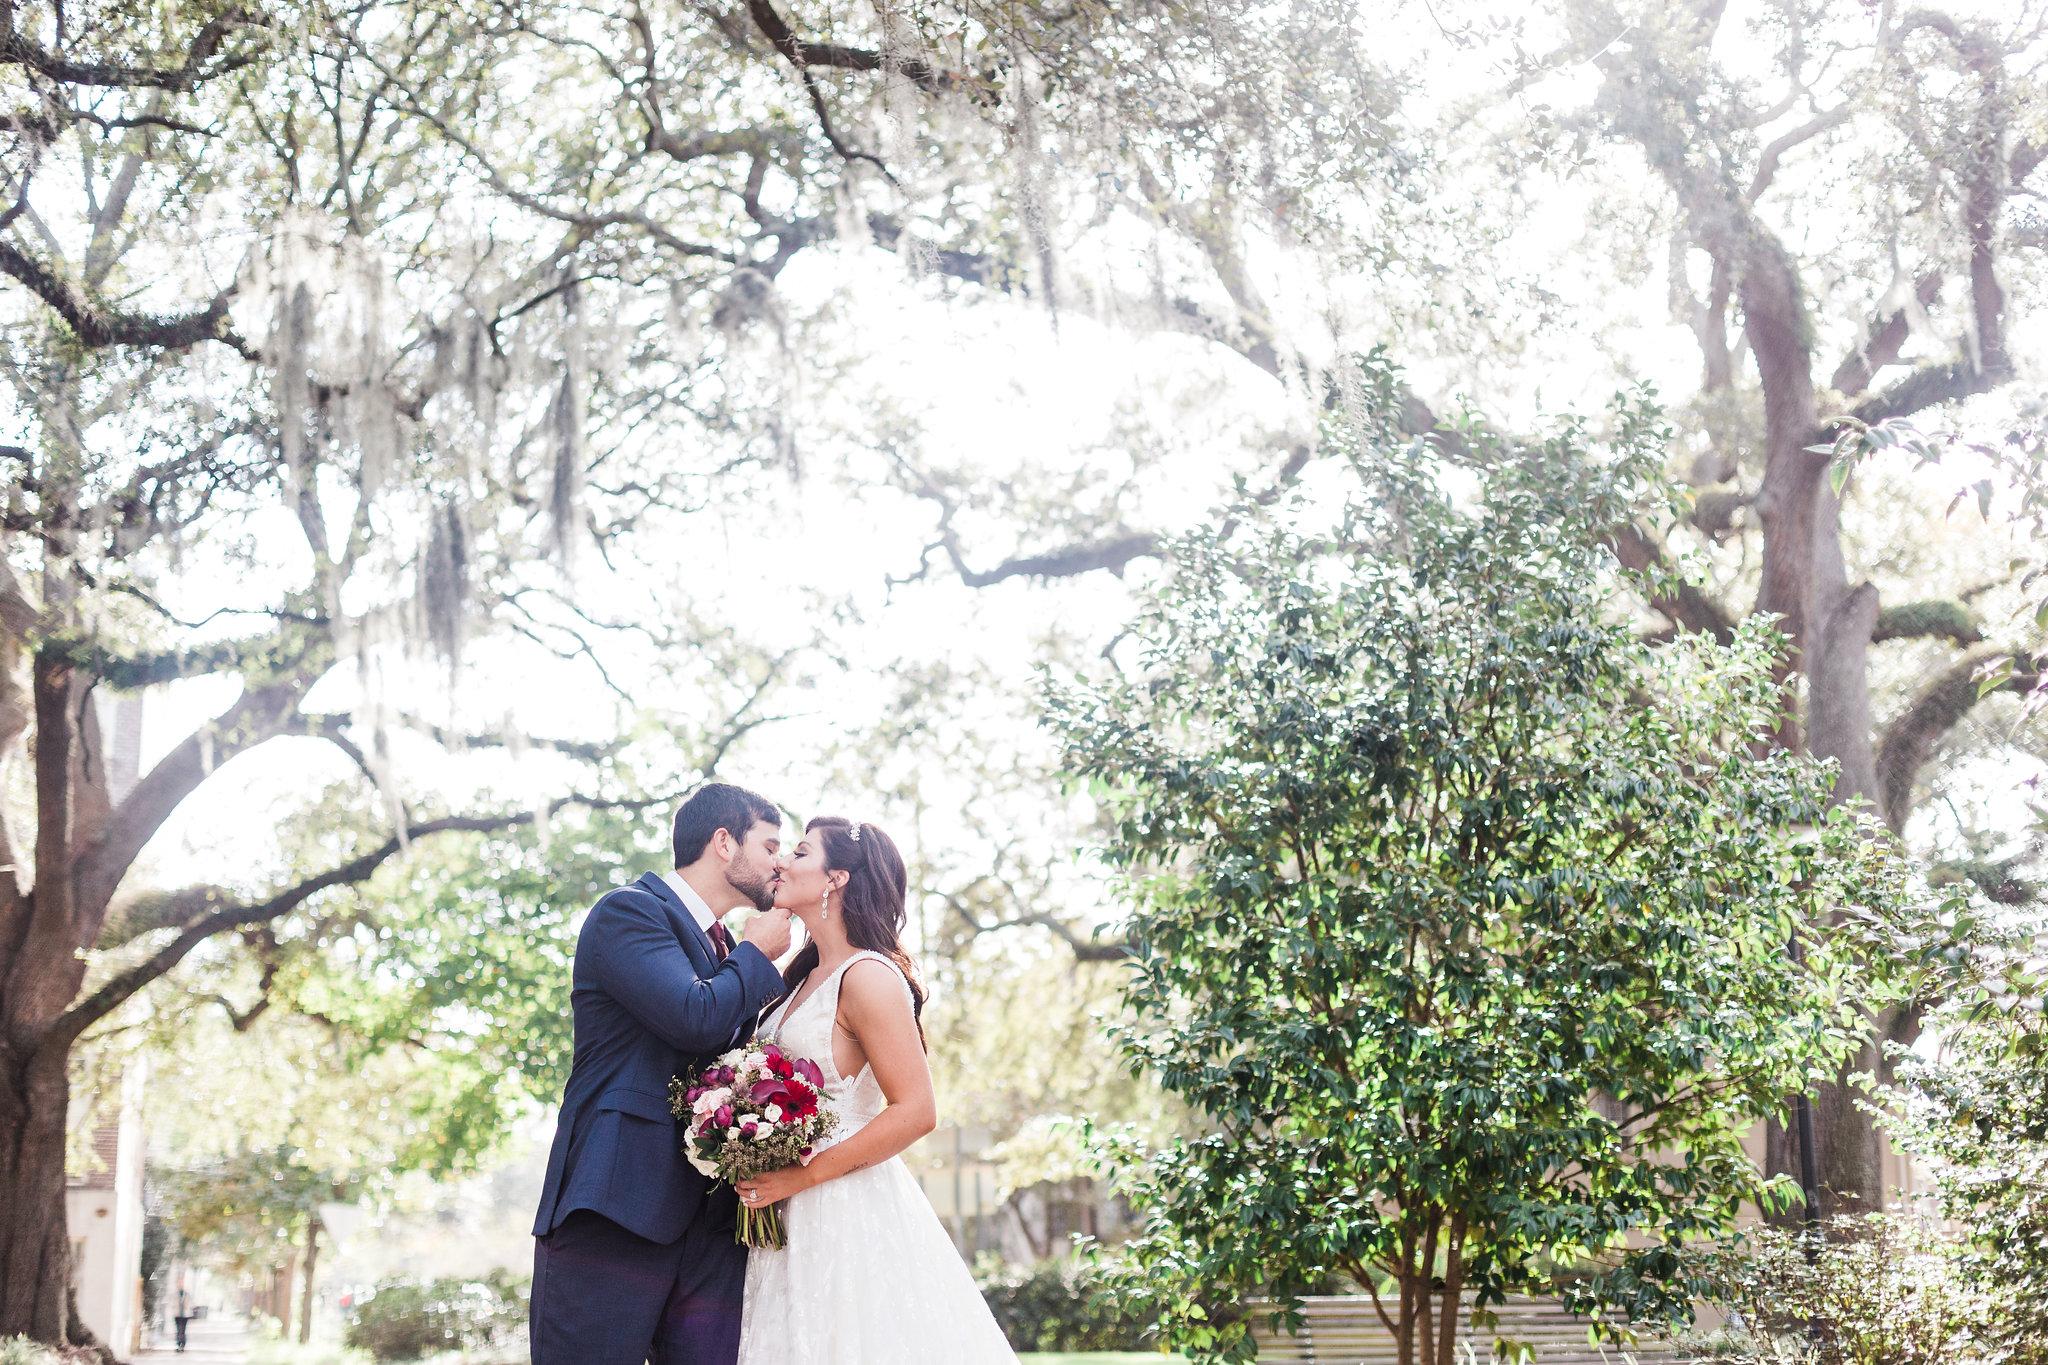 apt-b-photography-lindsey-shawn-Savannah-wedding-photographer-savannah-elopement-photographer-historic-savannah-elopement-savannah-weddings-hilton-head-wedding-photographer-jekyll-island-wedding-photographer-25.jpg